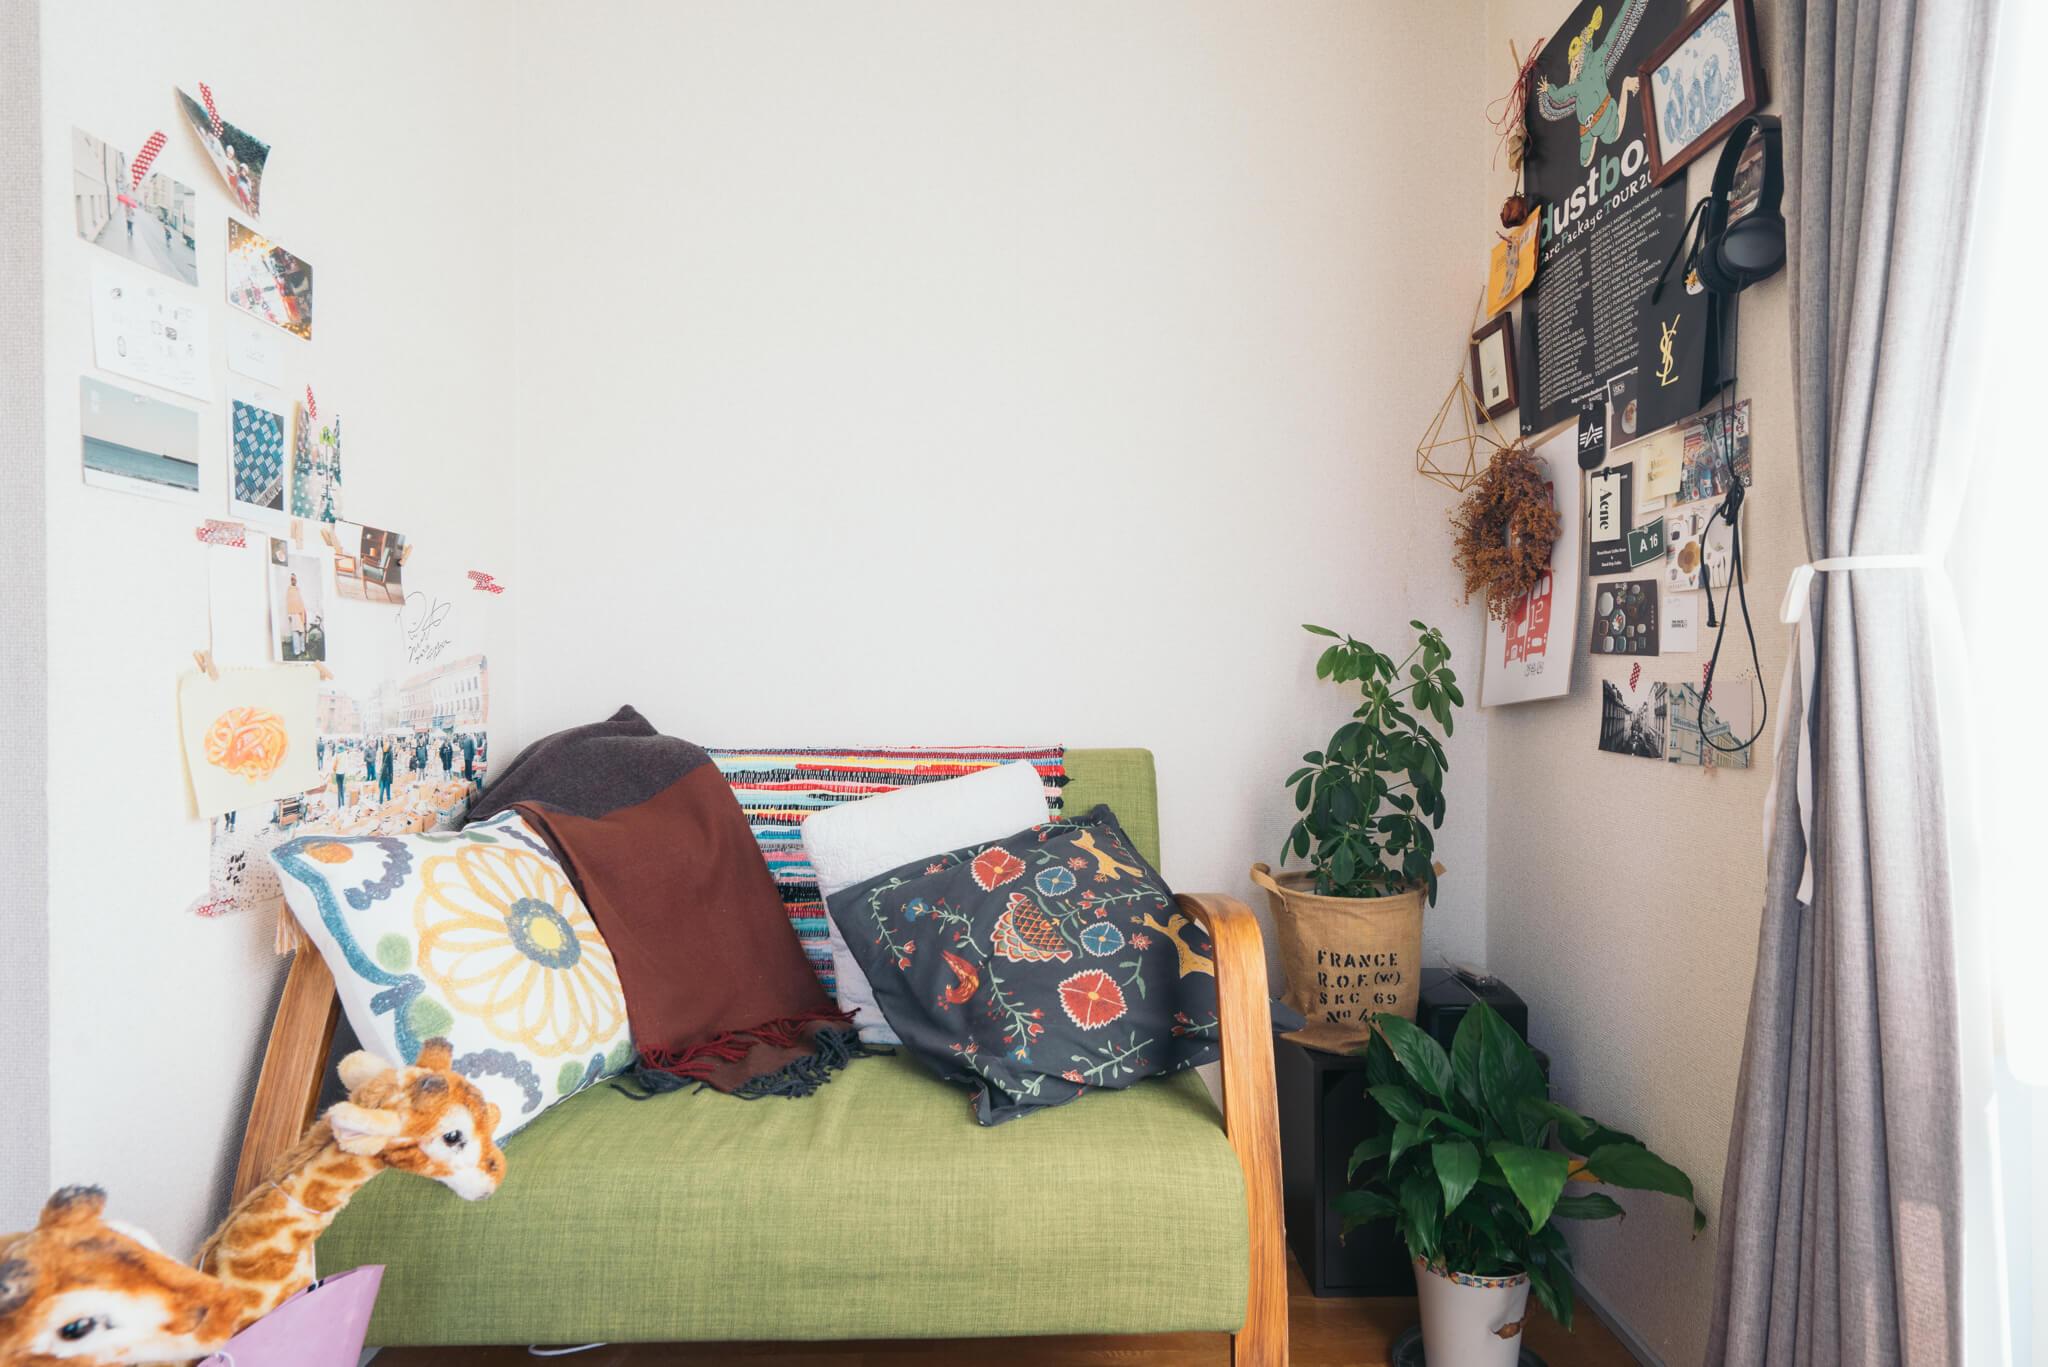 もとは押入れだった大きな収納の横にぽっかり、ソファのおさまるスペースが。好きで集めているというクッション、それに壁にたくさんのポストカードを飾って、とっても落ち着く空間に。ソファの肘置きはもっと白っぽい色だったのを、部屋に合わせて塗りました。